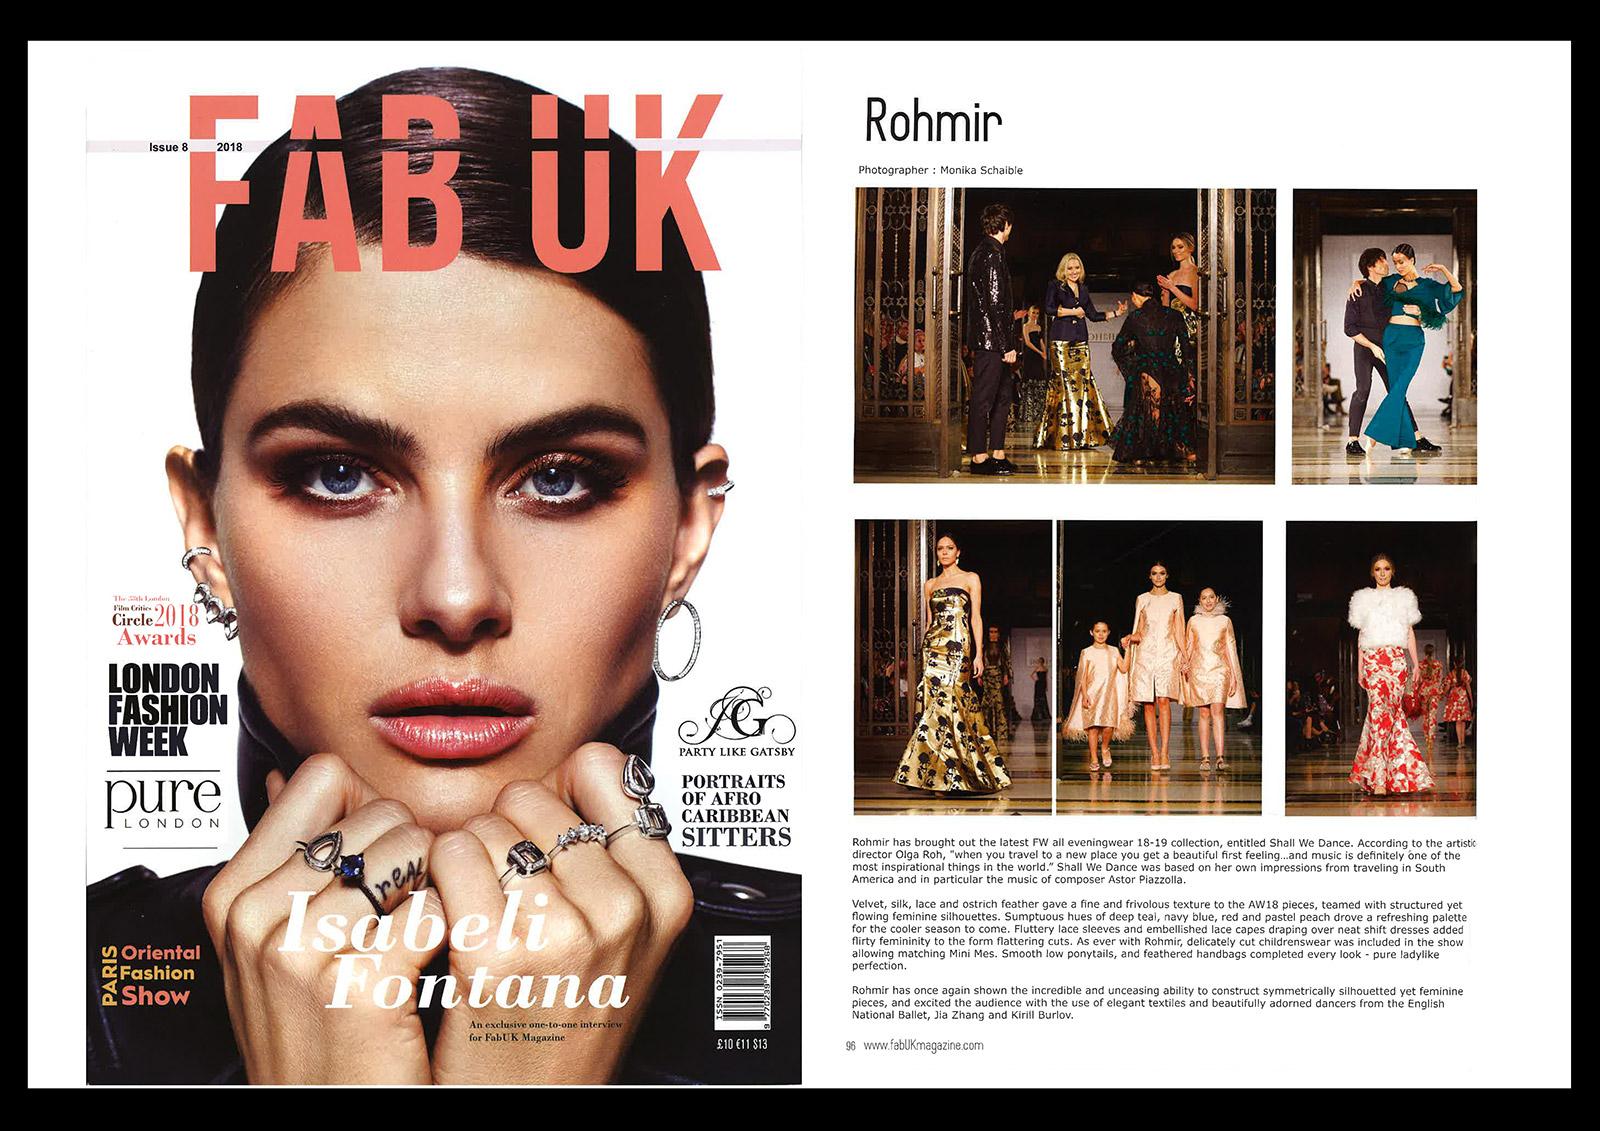 FabUK_Issue-8-2018_whole